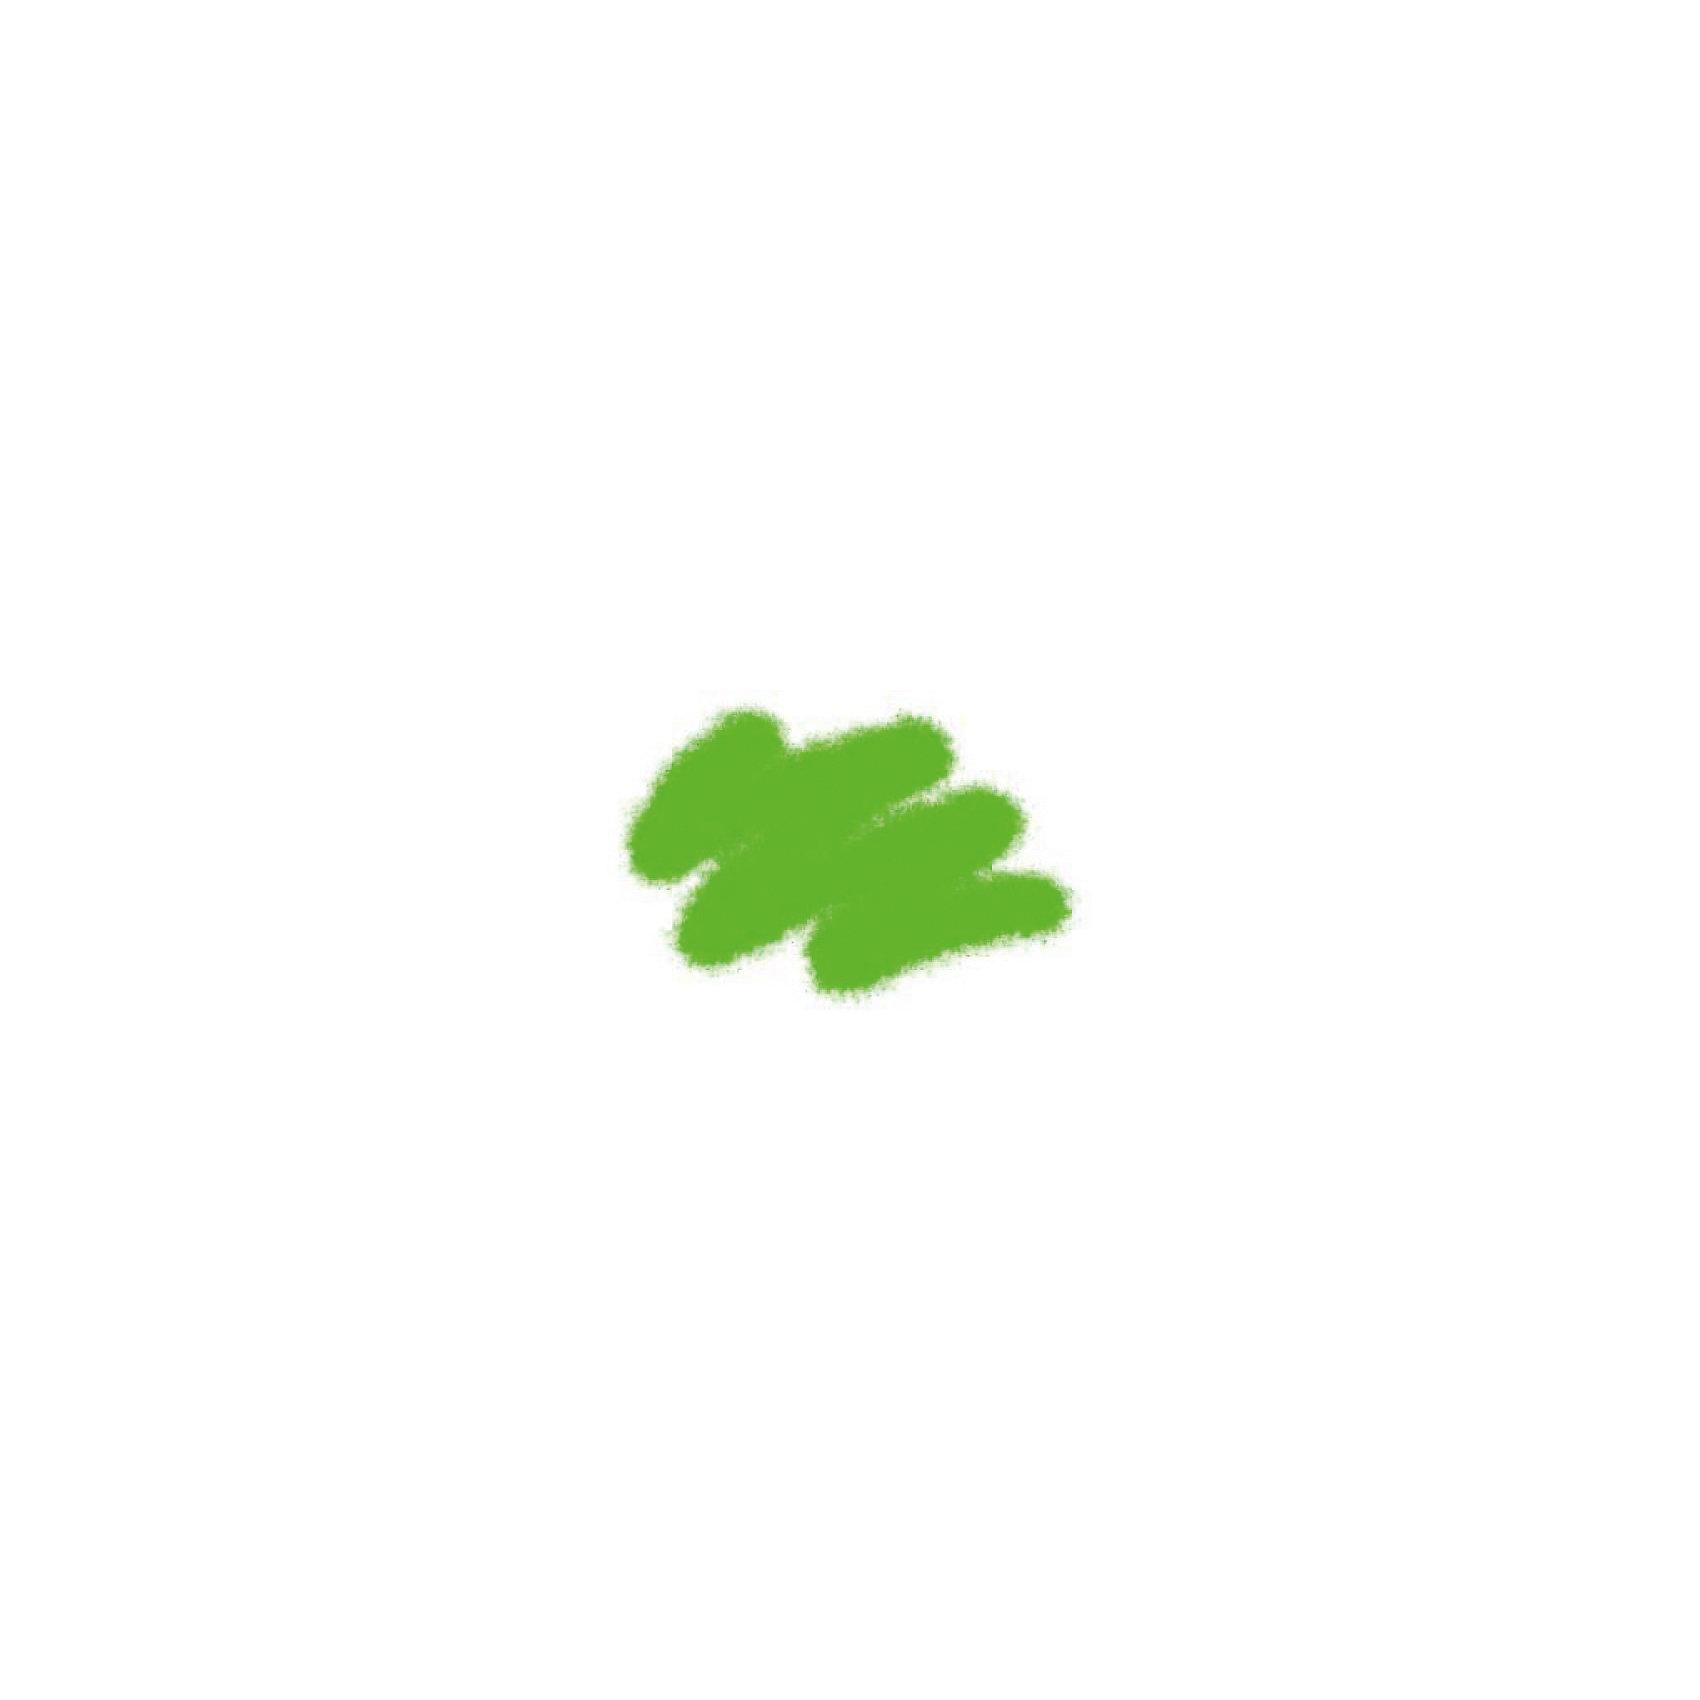 Акриловая краска для моделей Звезда, ярко-зеленый 12 млМодели для склеивания<br>Краска яркозеленая<br><br>Ширина мм: 26<br>Глубина мм: 26<br>Высота мм: 64<br>Вес г: 30<br>Возраст от месяцев: 72<br>Возраст до месяцев: 180<br>Пол: Мужской<br>Возраст: Детский<br>SKU: 7086642